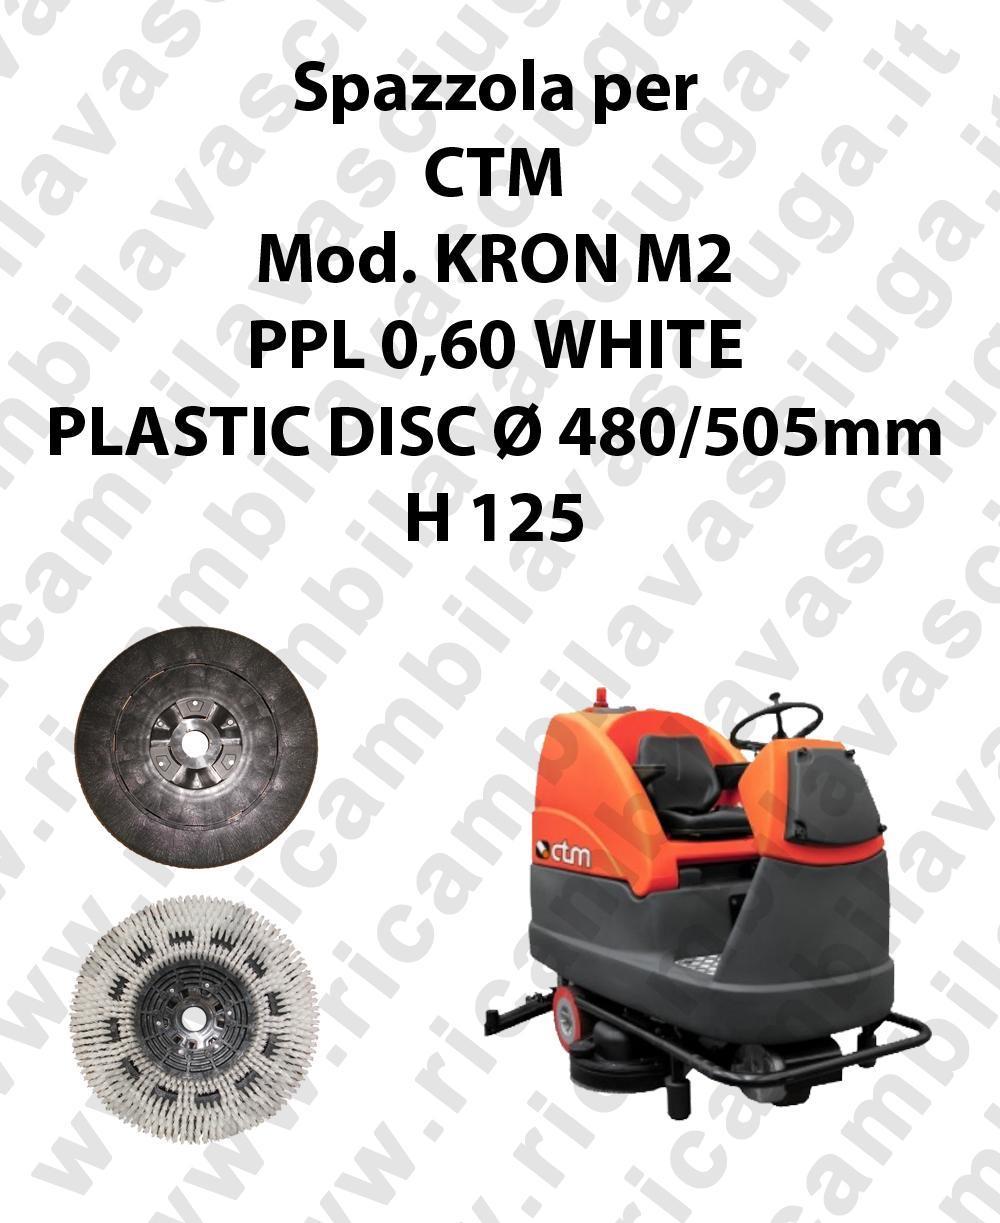 CEPILLO DE LAVADO PPL 0,60 WHITE para fregadora CTM modelo KRON M2